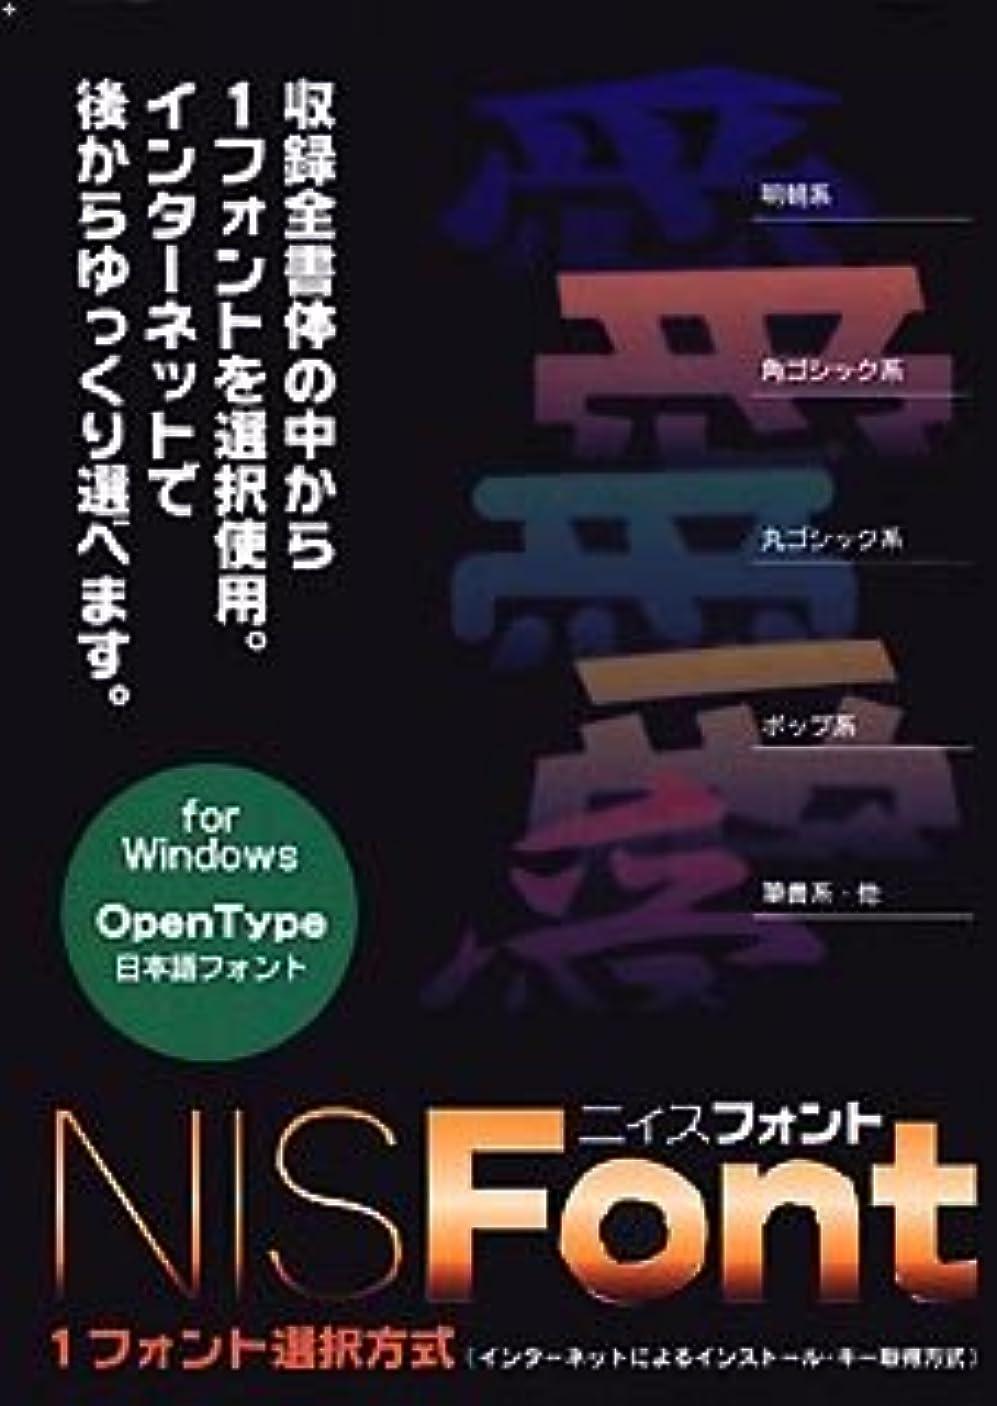 出発する松の木同志NIS Font Windows版 OpenType Font(1フォント選択版)